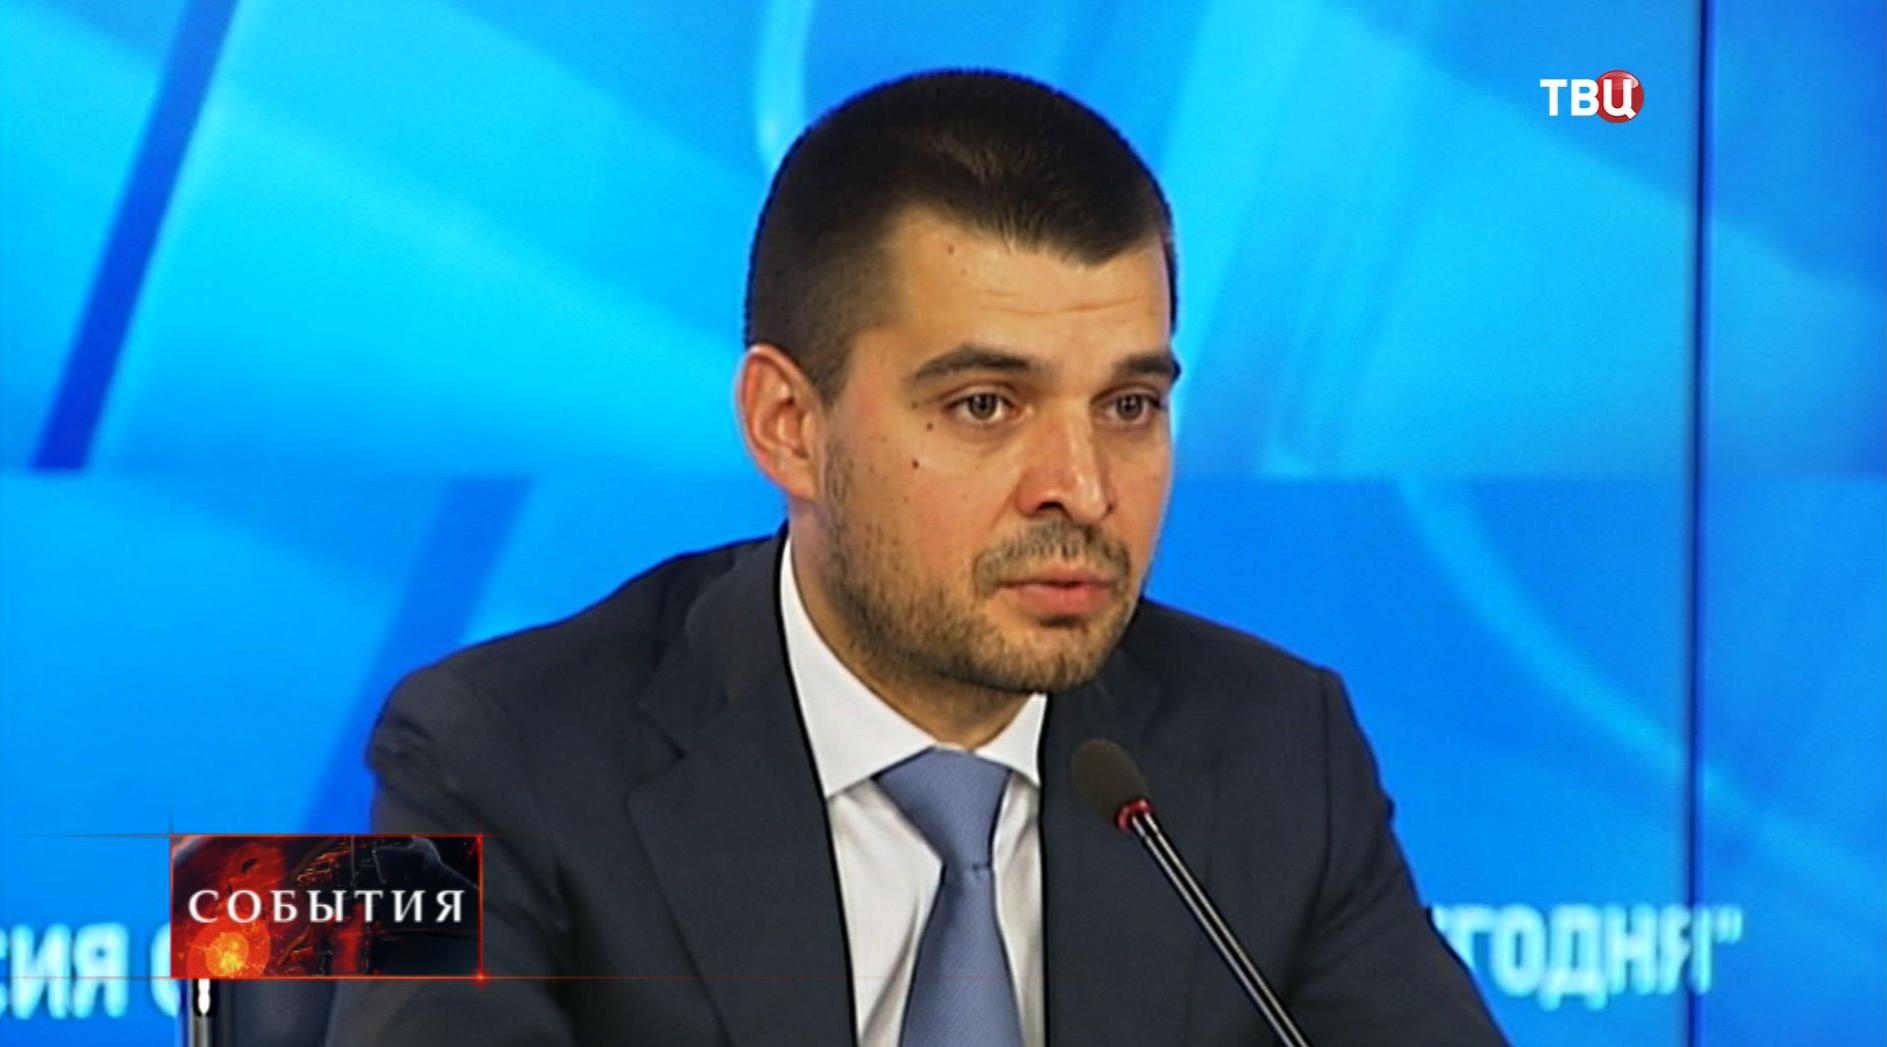 Член Комитета общественной поддержки жителей юго-востока Украины Сергей Мамедов